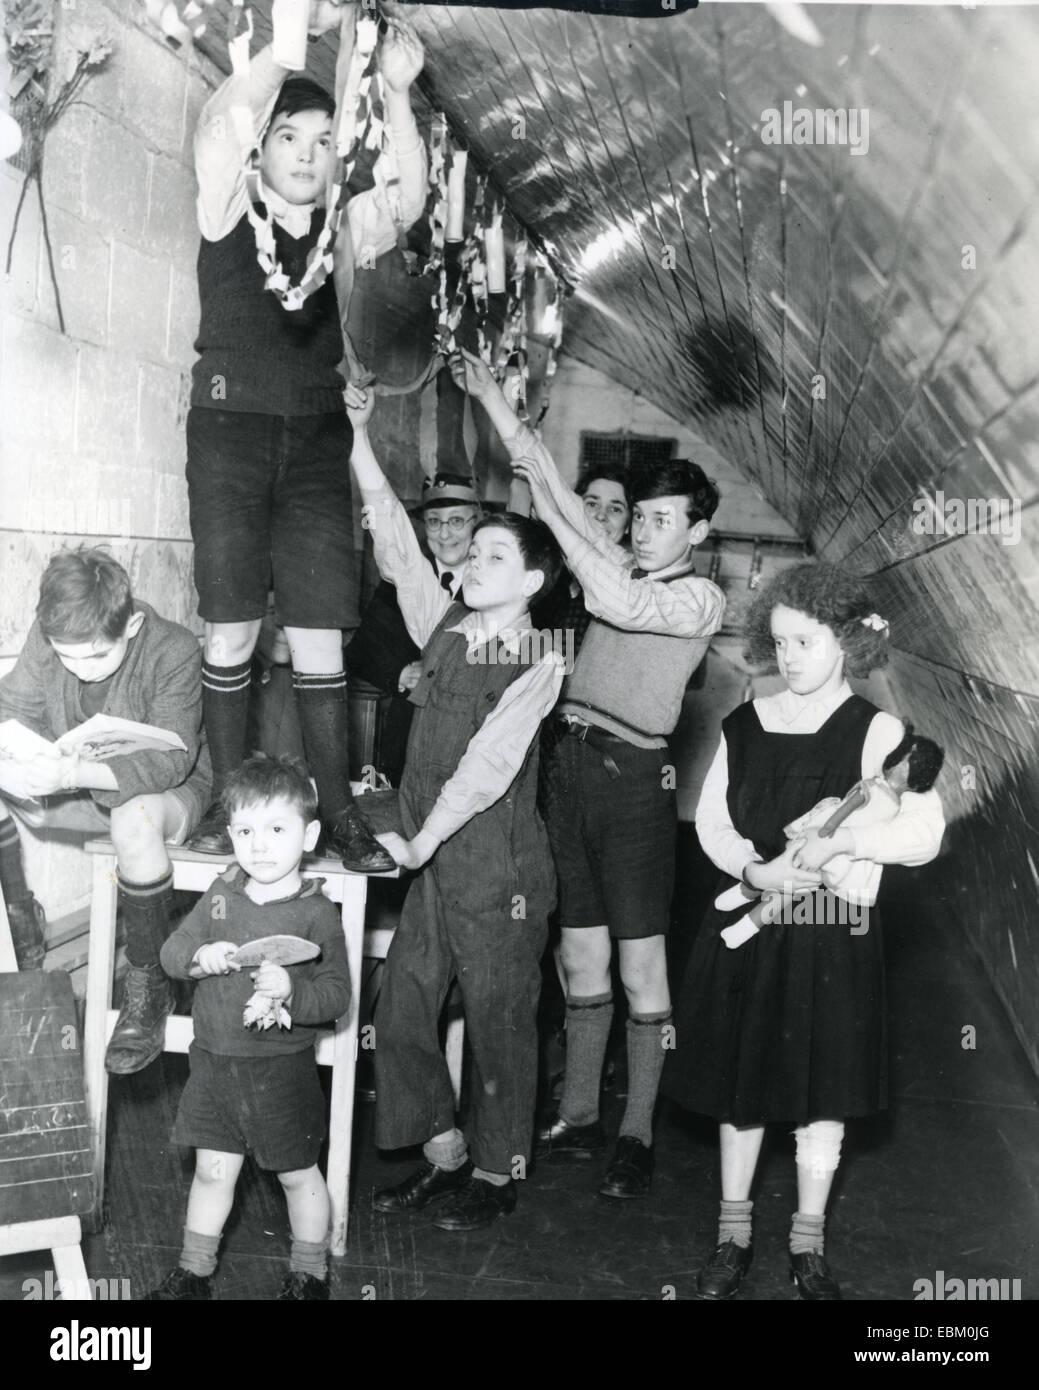 Дети Великой Отечественной Войны - Великая Отечественная Война